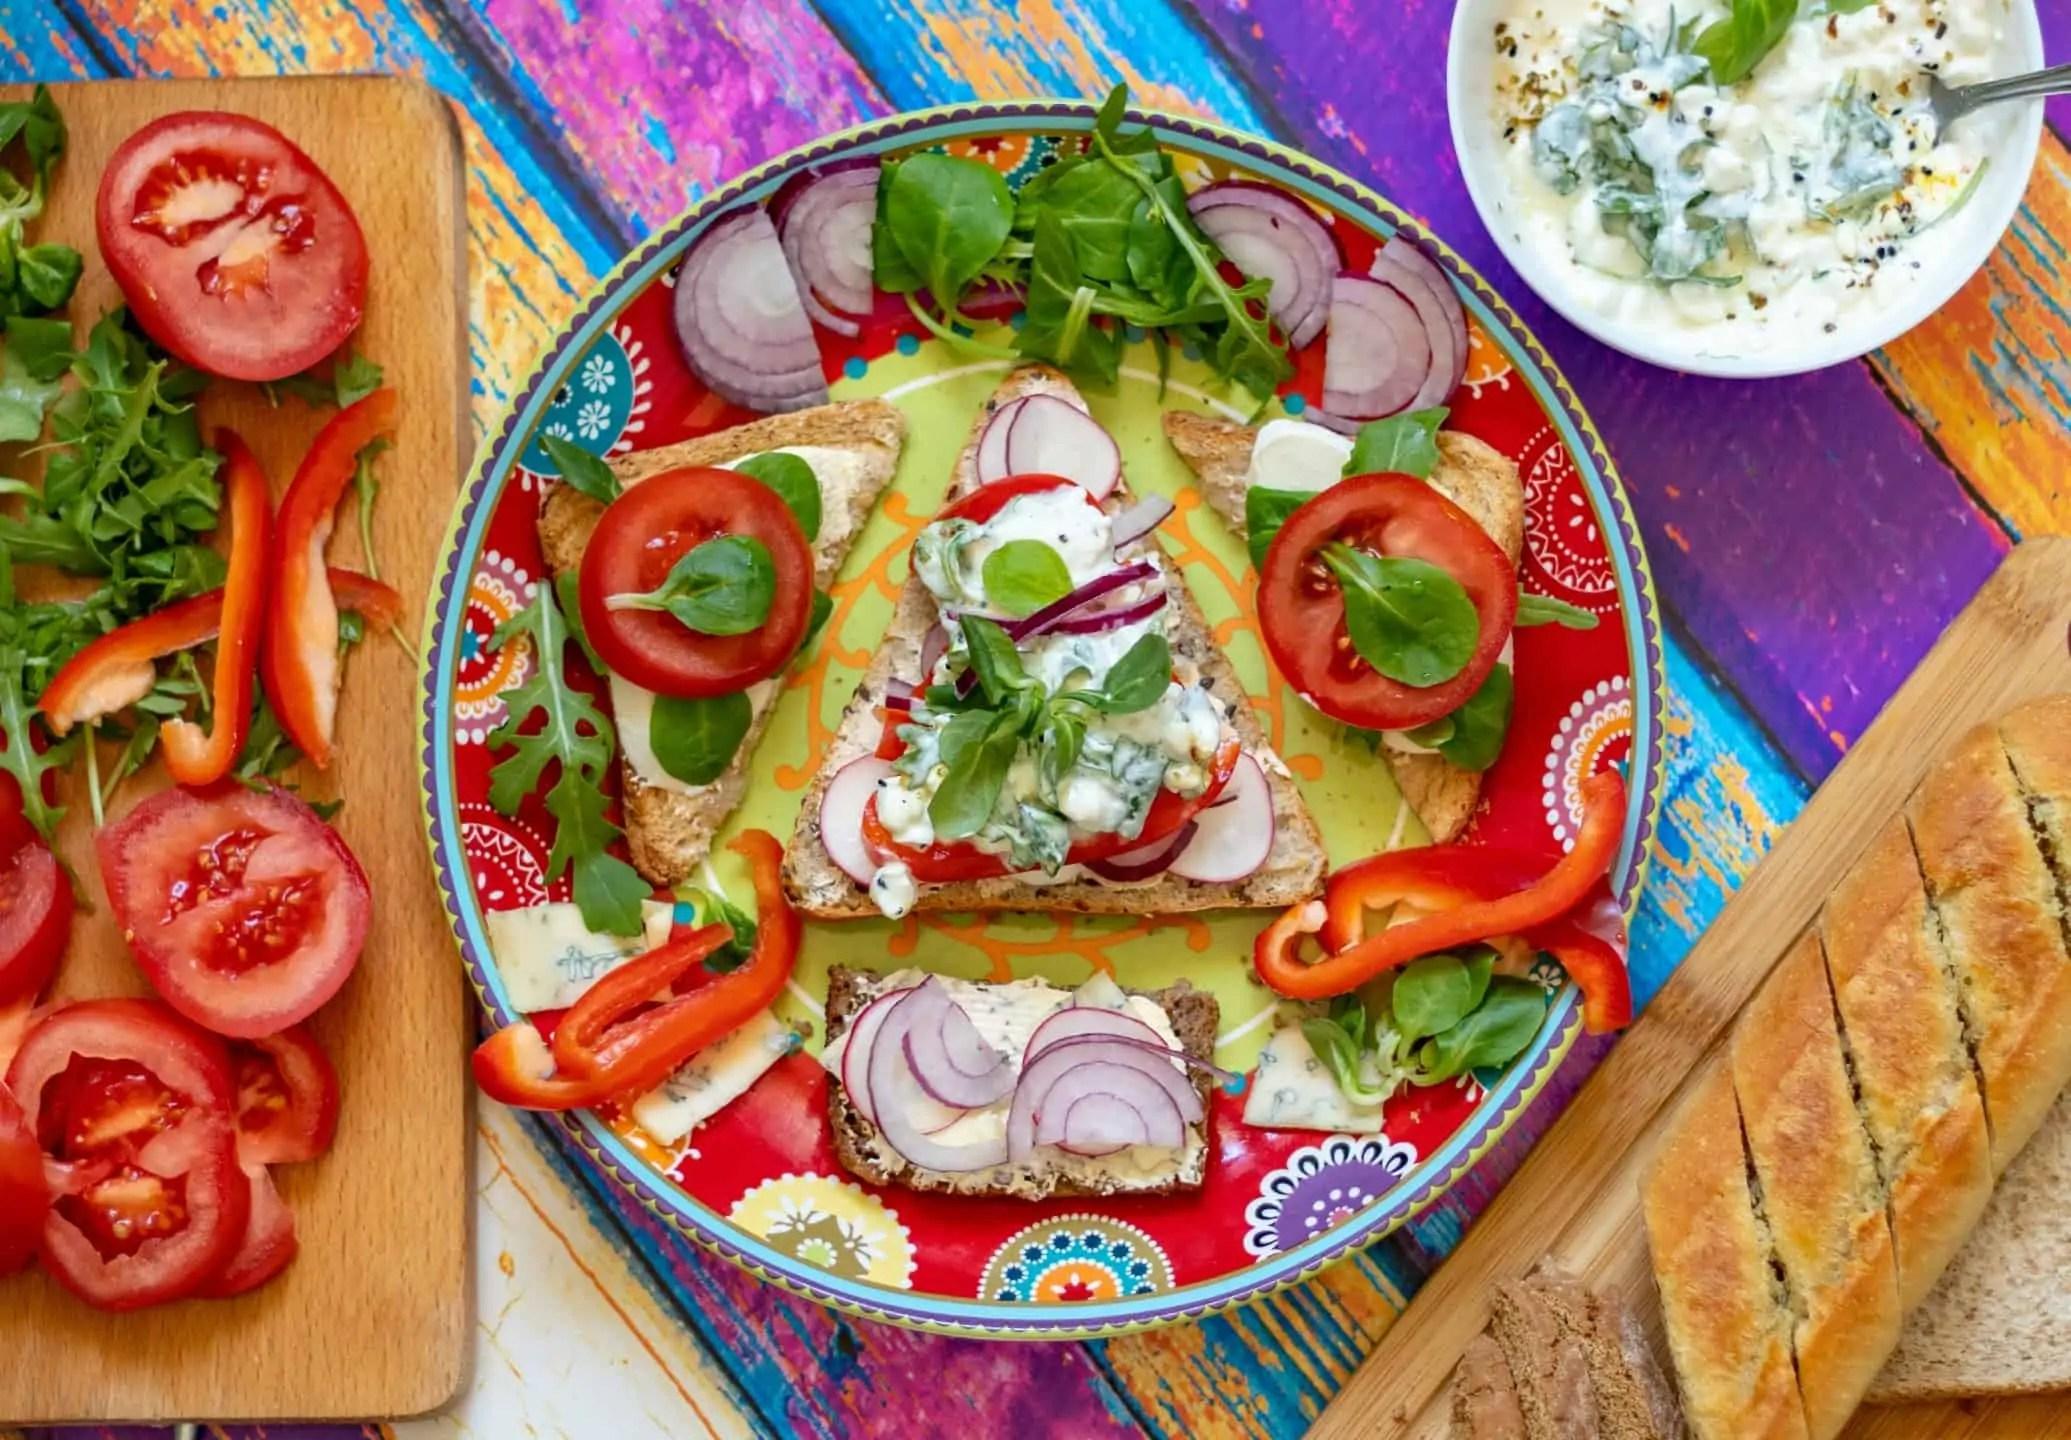 Kolorowe zdjecia domowe kanapki w malej kuchni 2 - Najlepszy prezent dla fotografa jest darmowy. Resztę kupisz do 100 pln